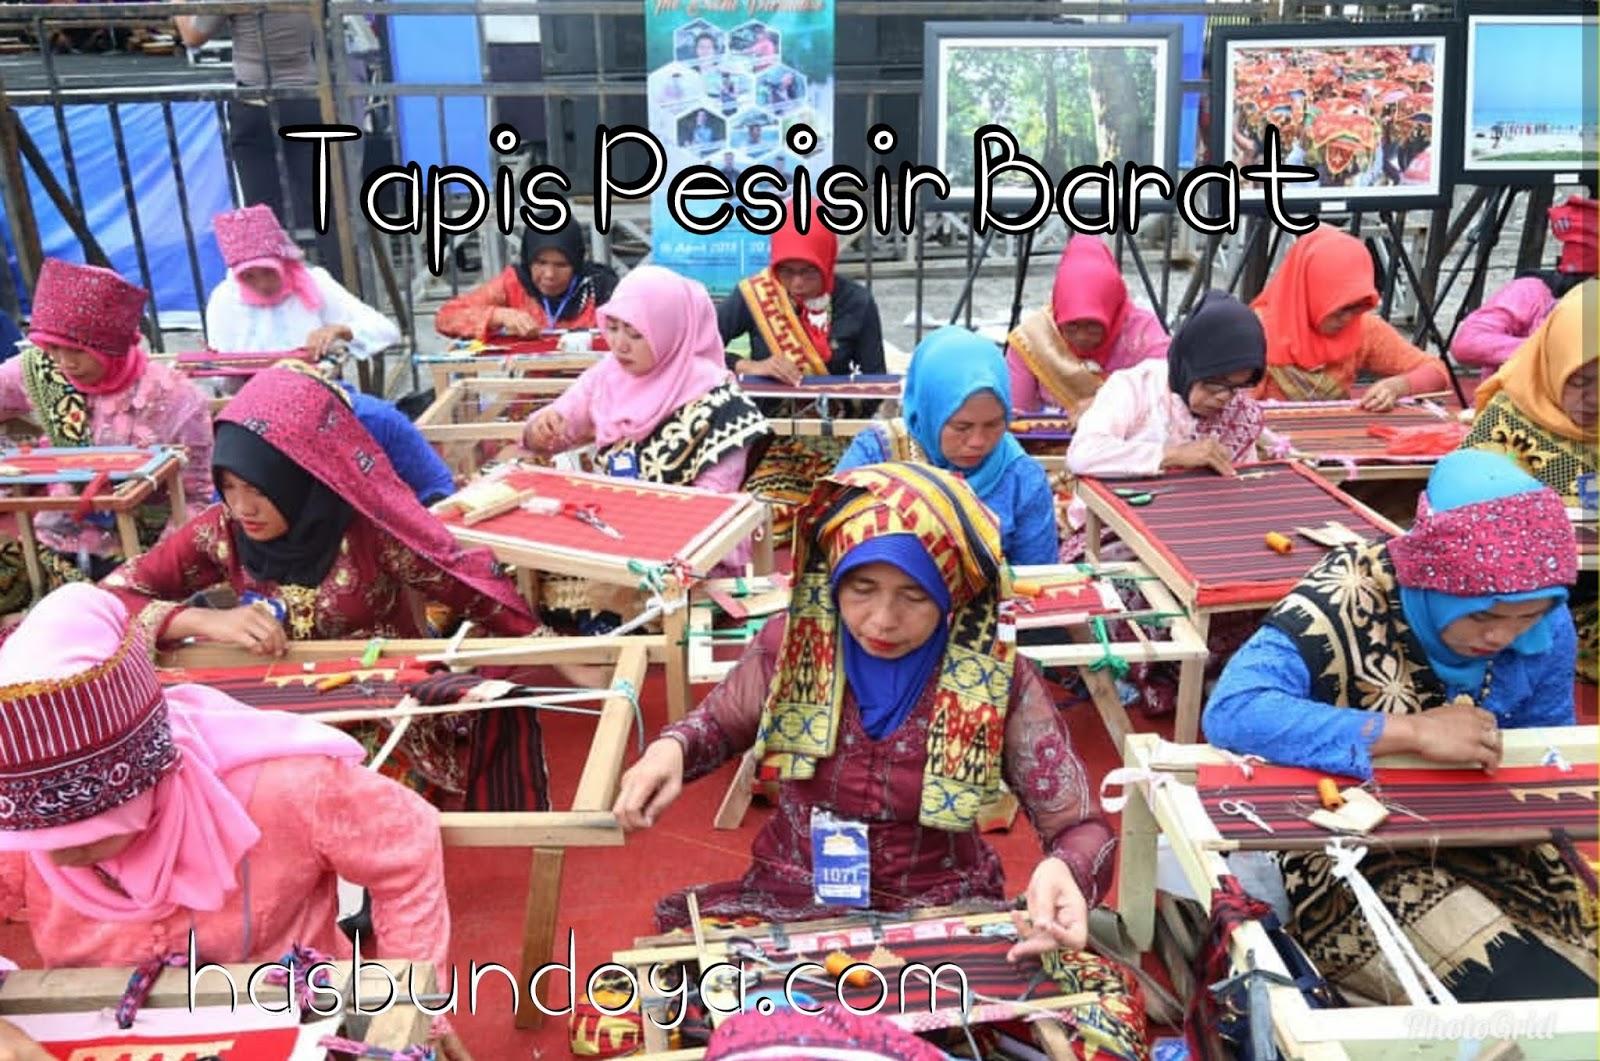 Jenis Dan Motif Kain Tapis Lampung Hasbundoya Com